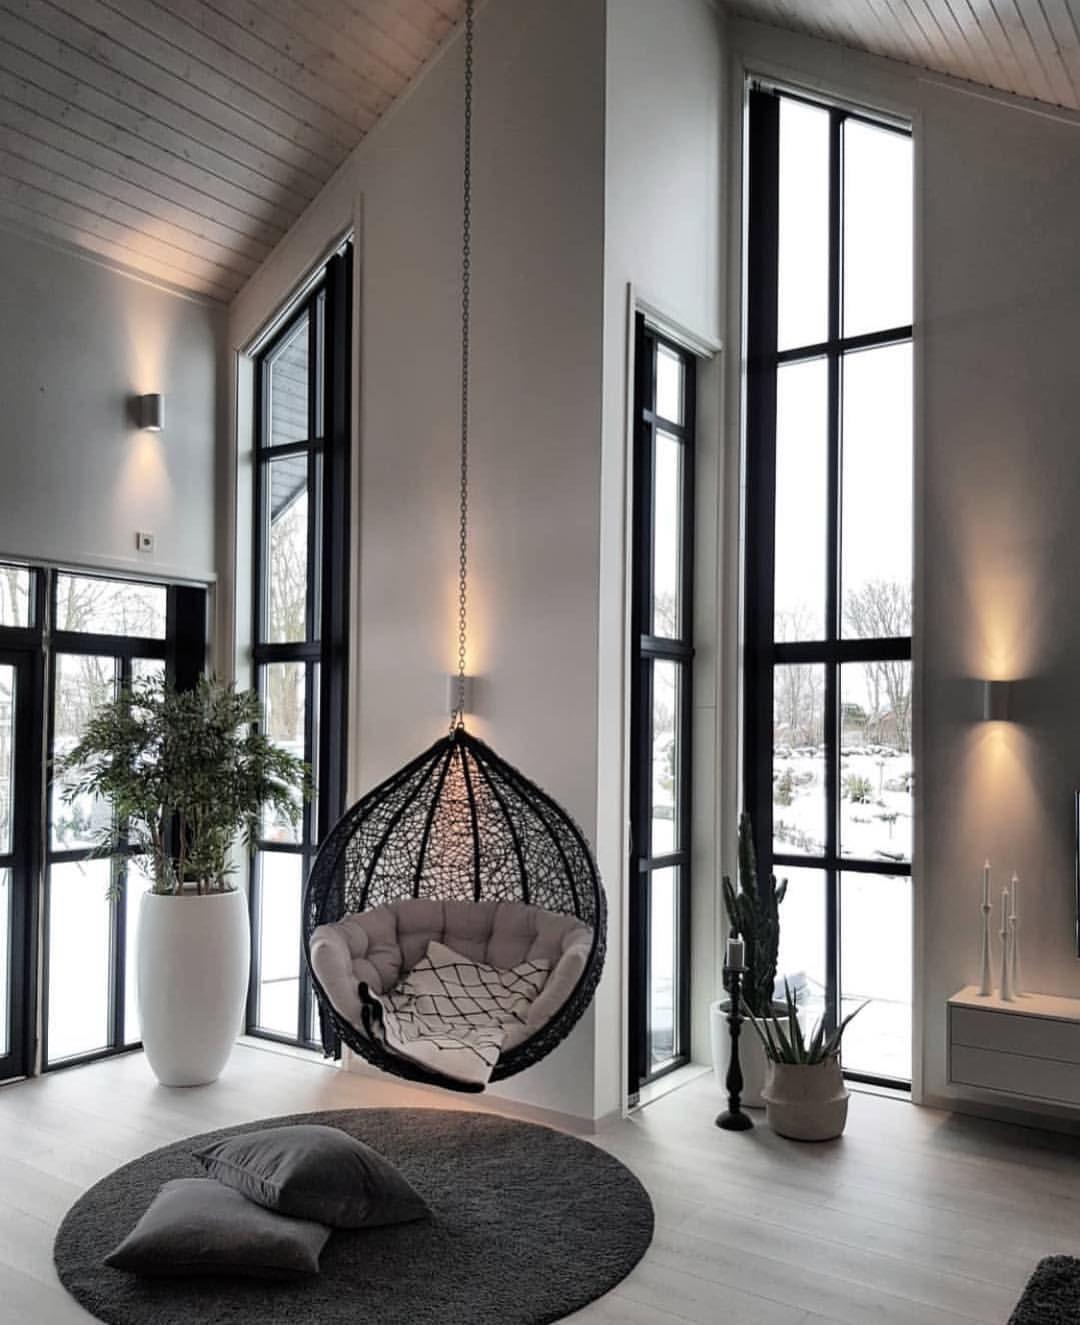 Wohnung Wohnzimmer Dekoration Ideen Auf Ein Budget: Einfach Mal Die Seele Baumeln Lassen